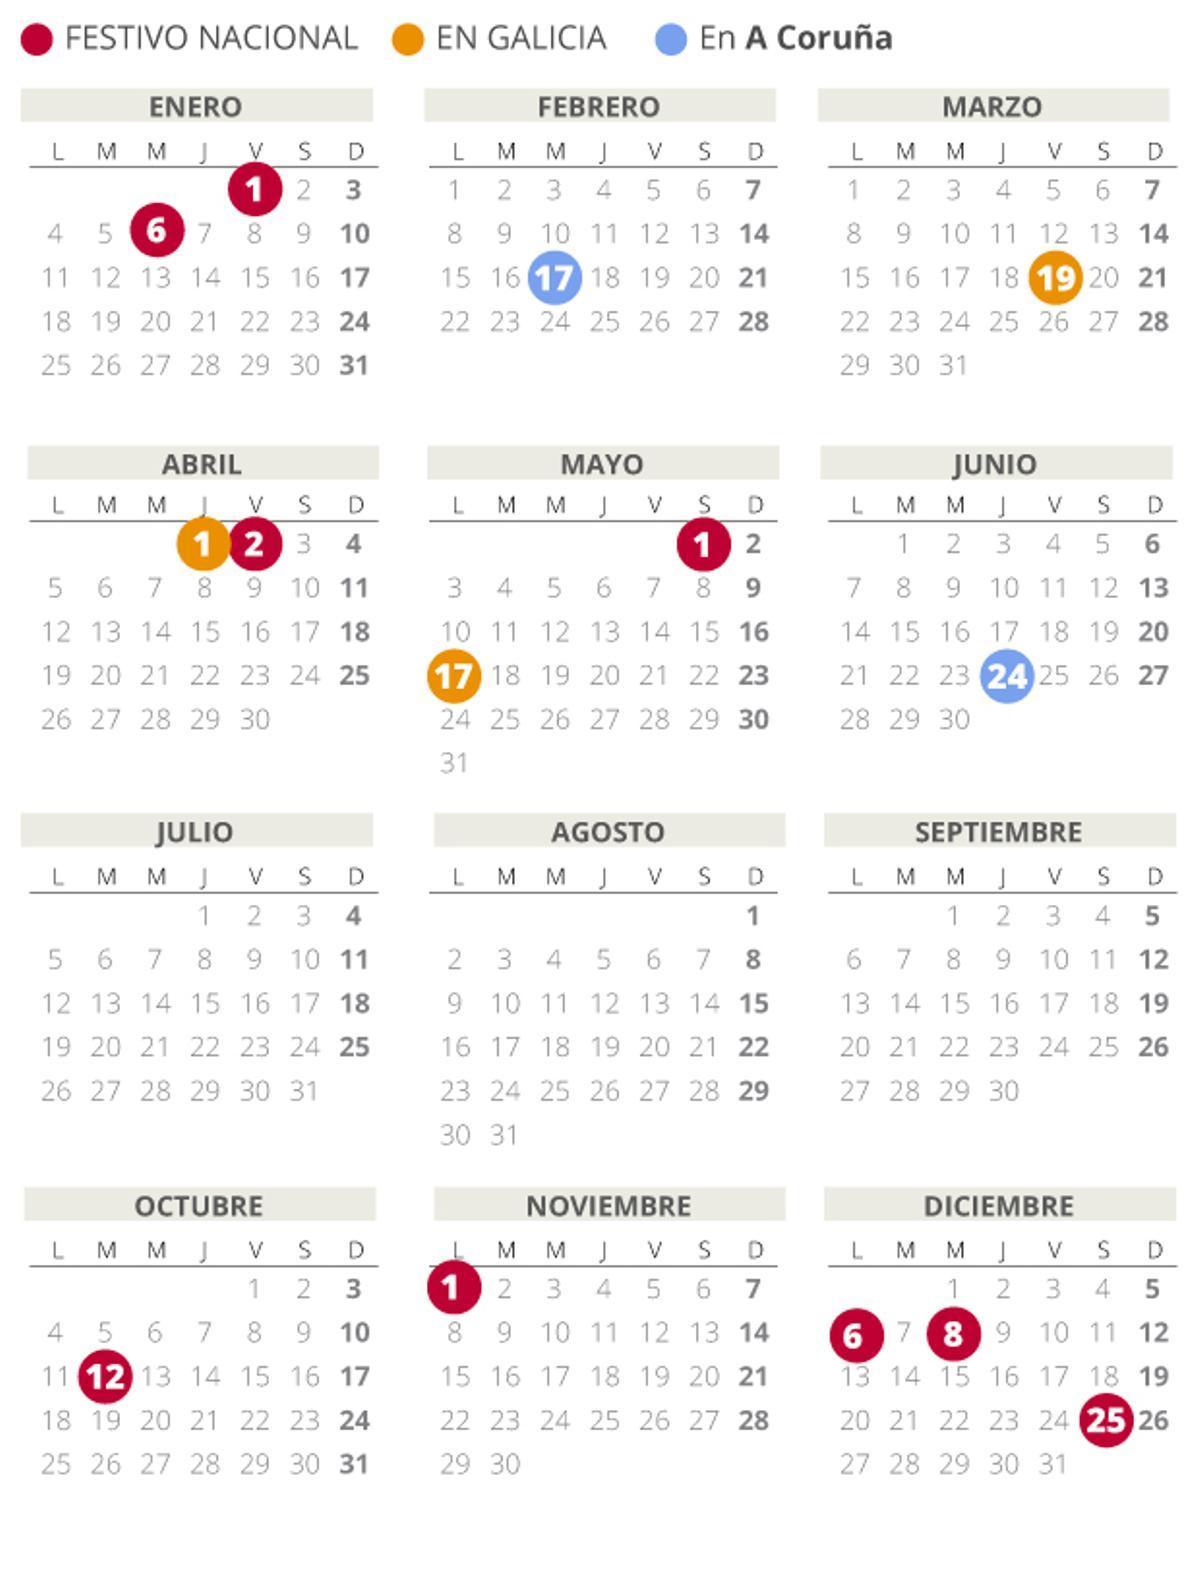 Calendario Laboral De A Coruña 2021 Con Todos Los Festivos